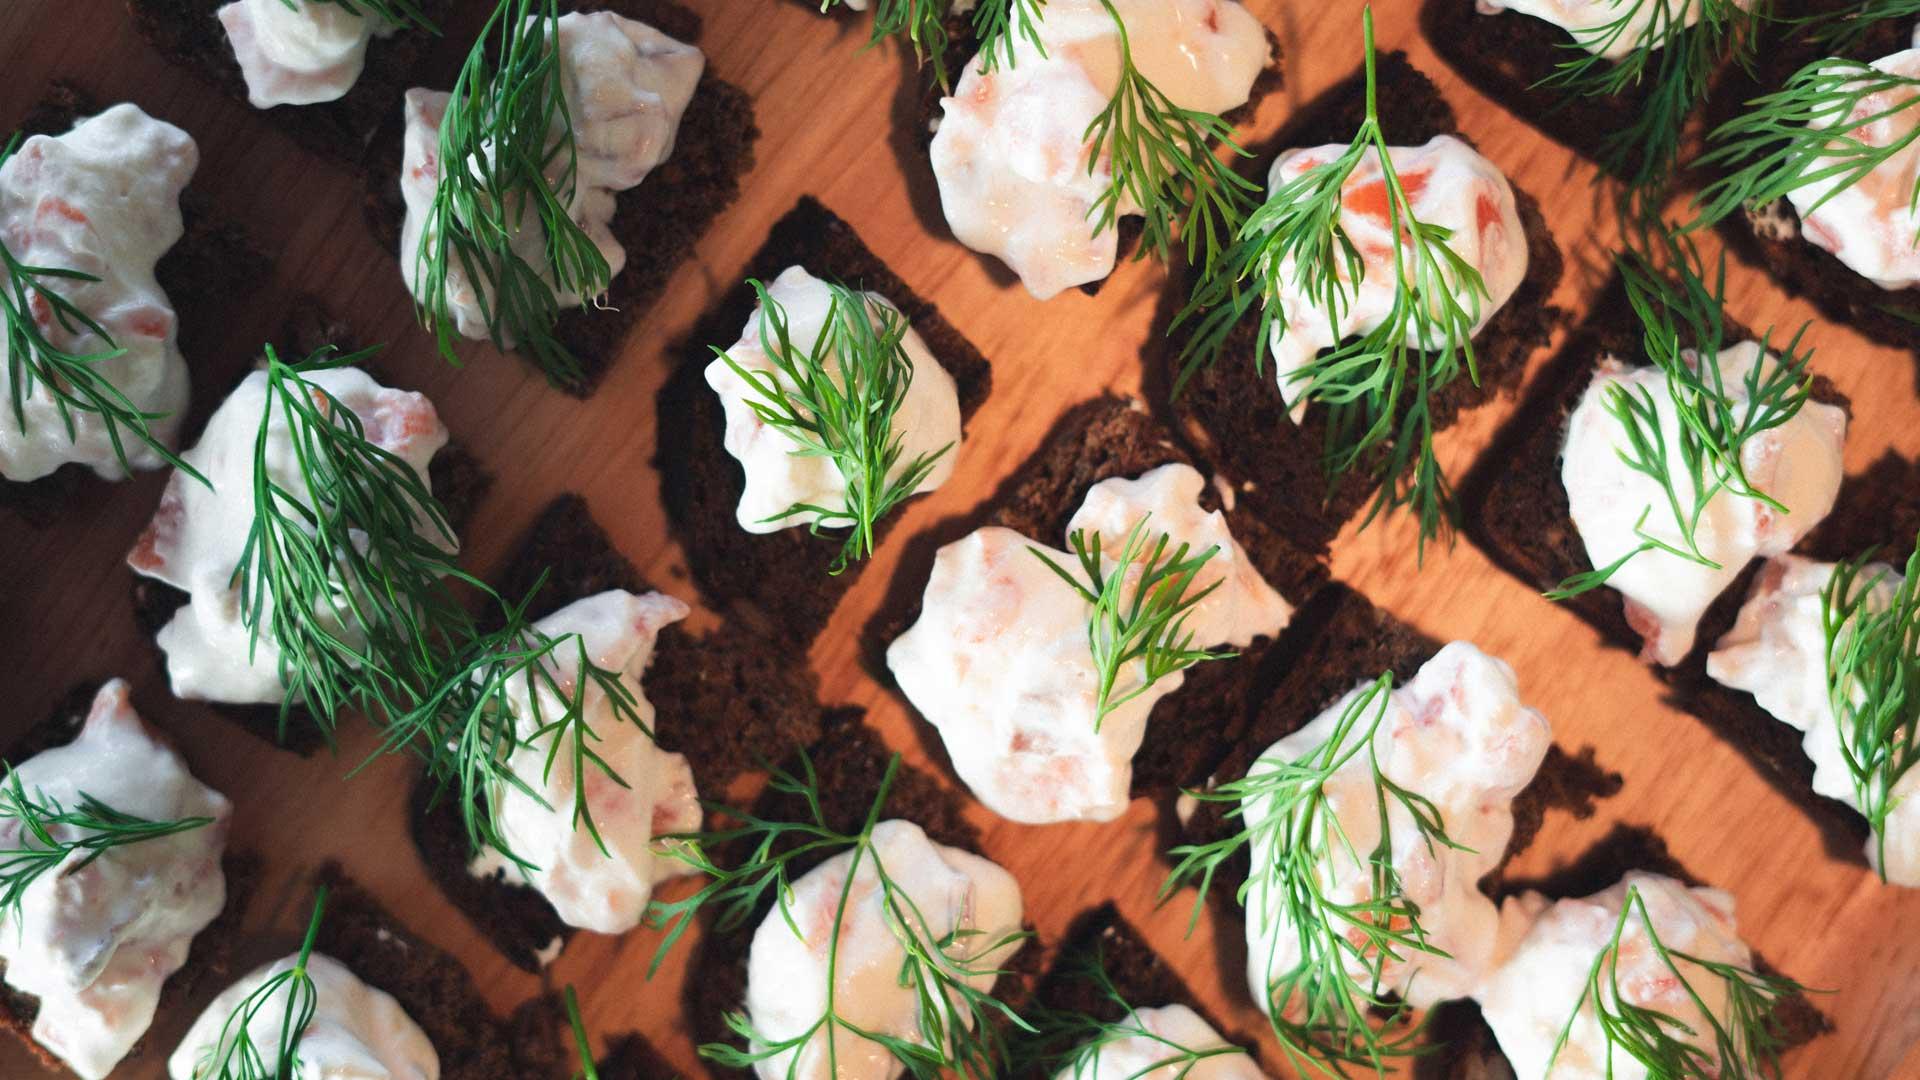 Kuopion alue sai ensimmäisenä Suomessa arvostetun European Region of Gastronomy -tunnustuksen